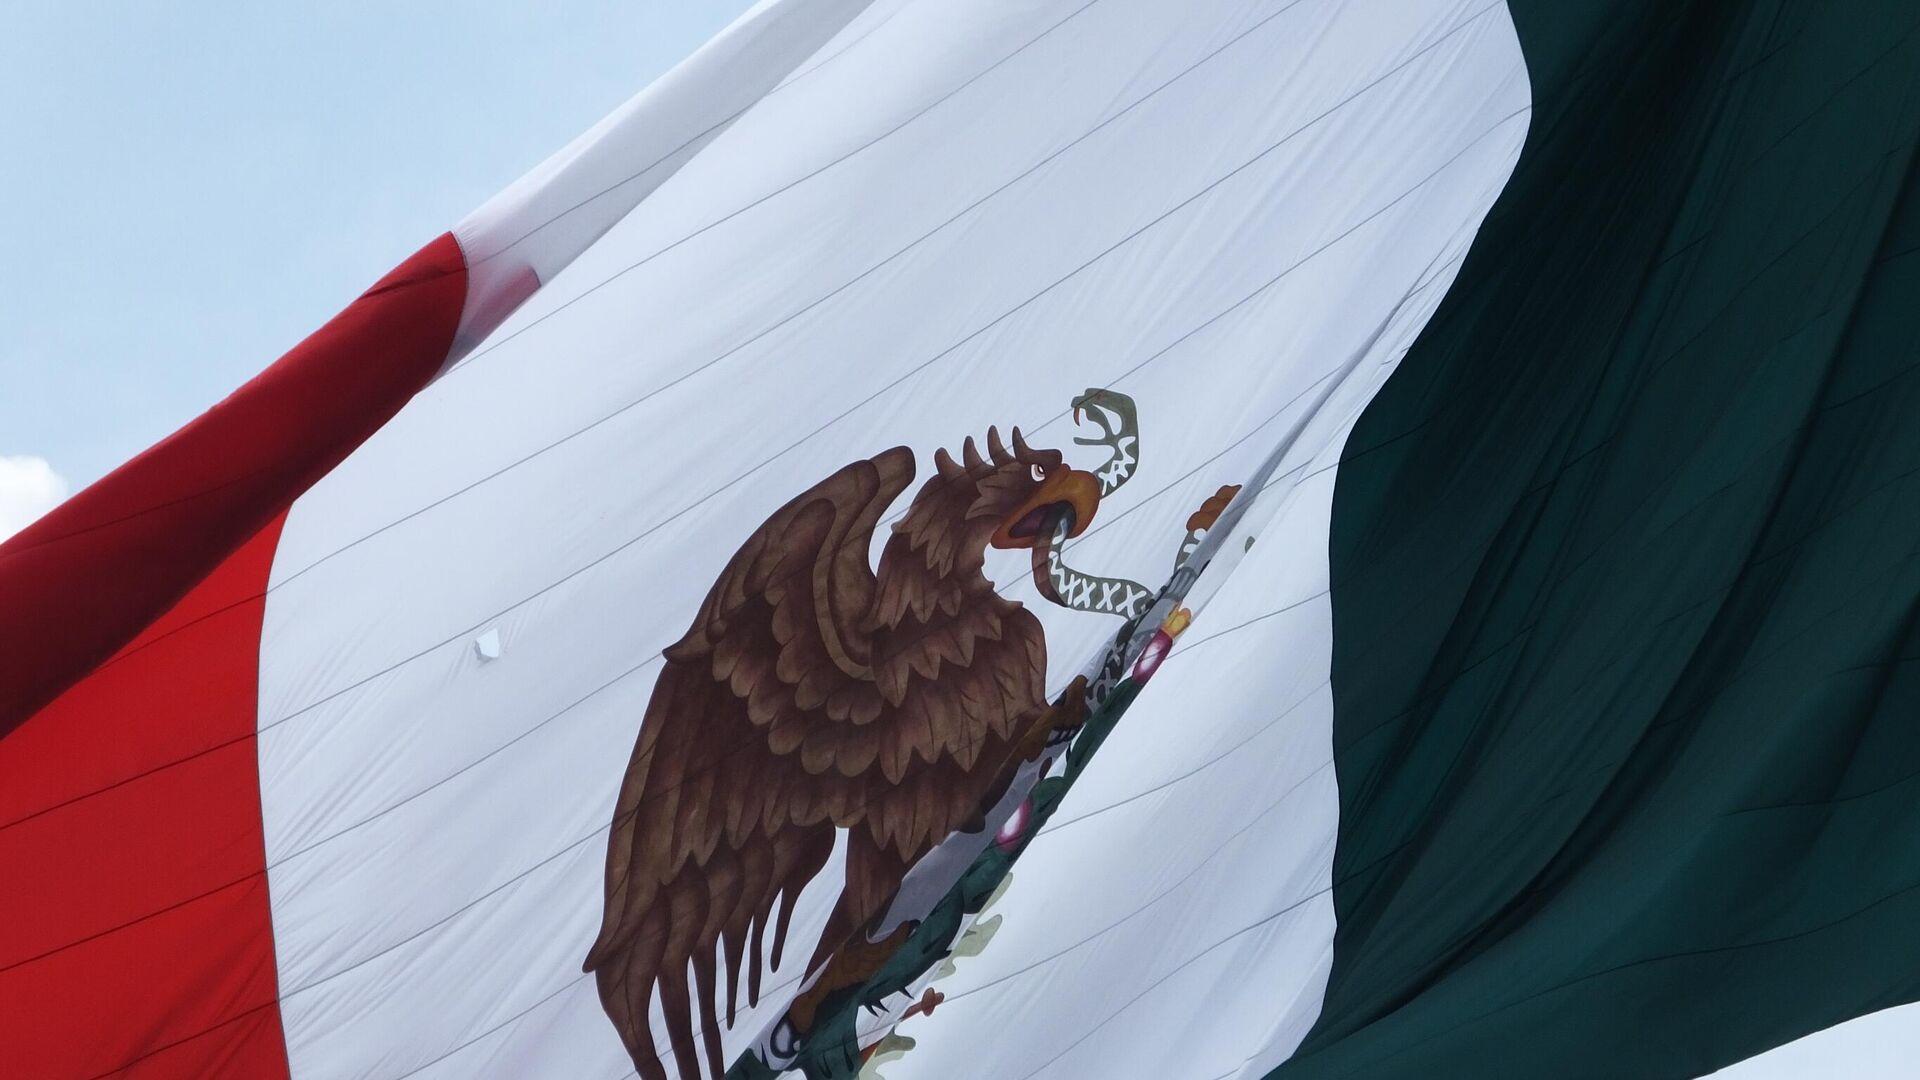 Bandera de México - Sputnik Mundo, 1920, 05.10.2021